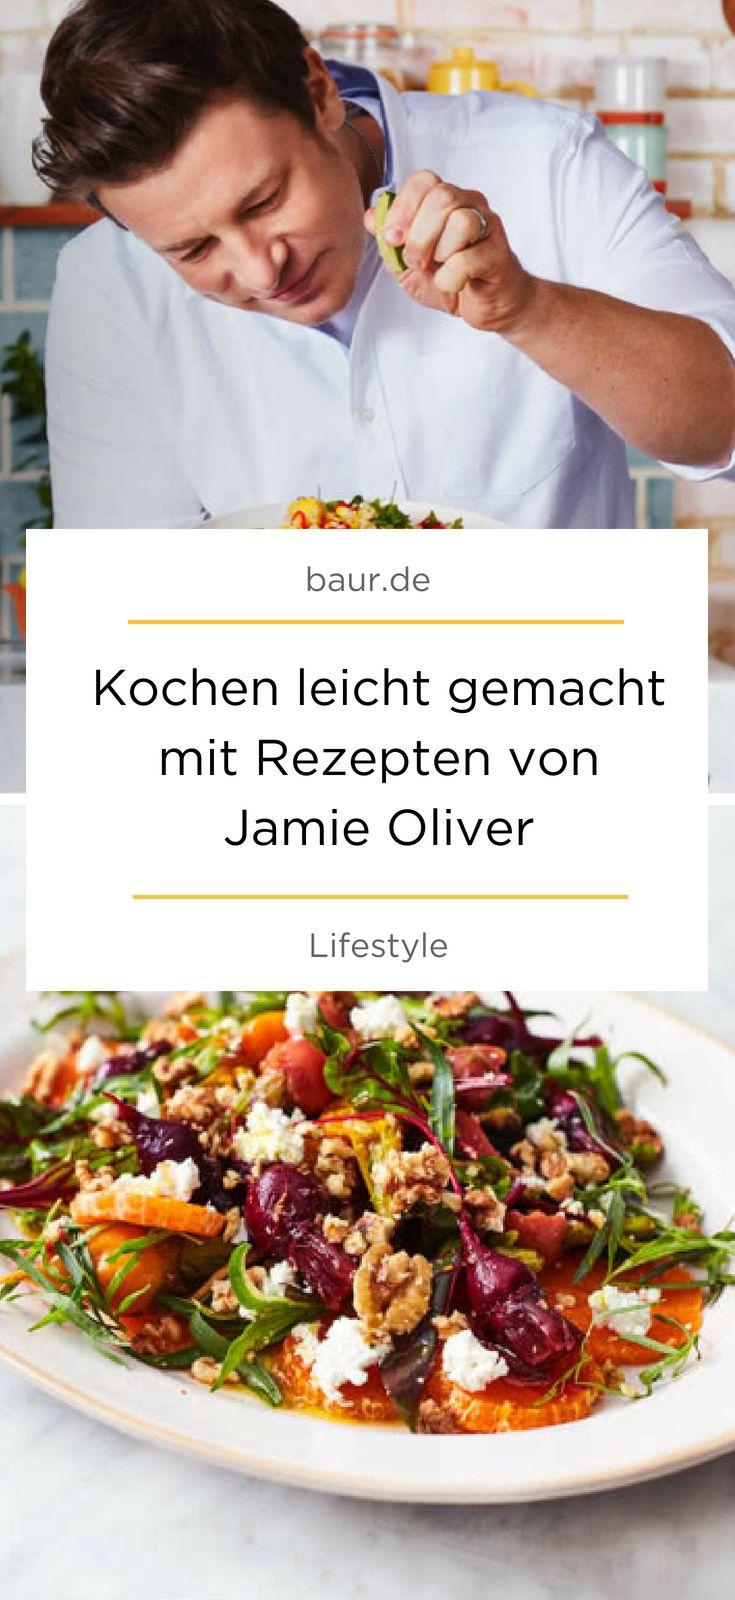 Kochen leicht gemacht mit Rezepten von Jamie Oliver #baur in 17